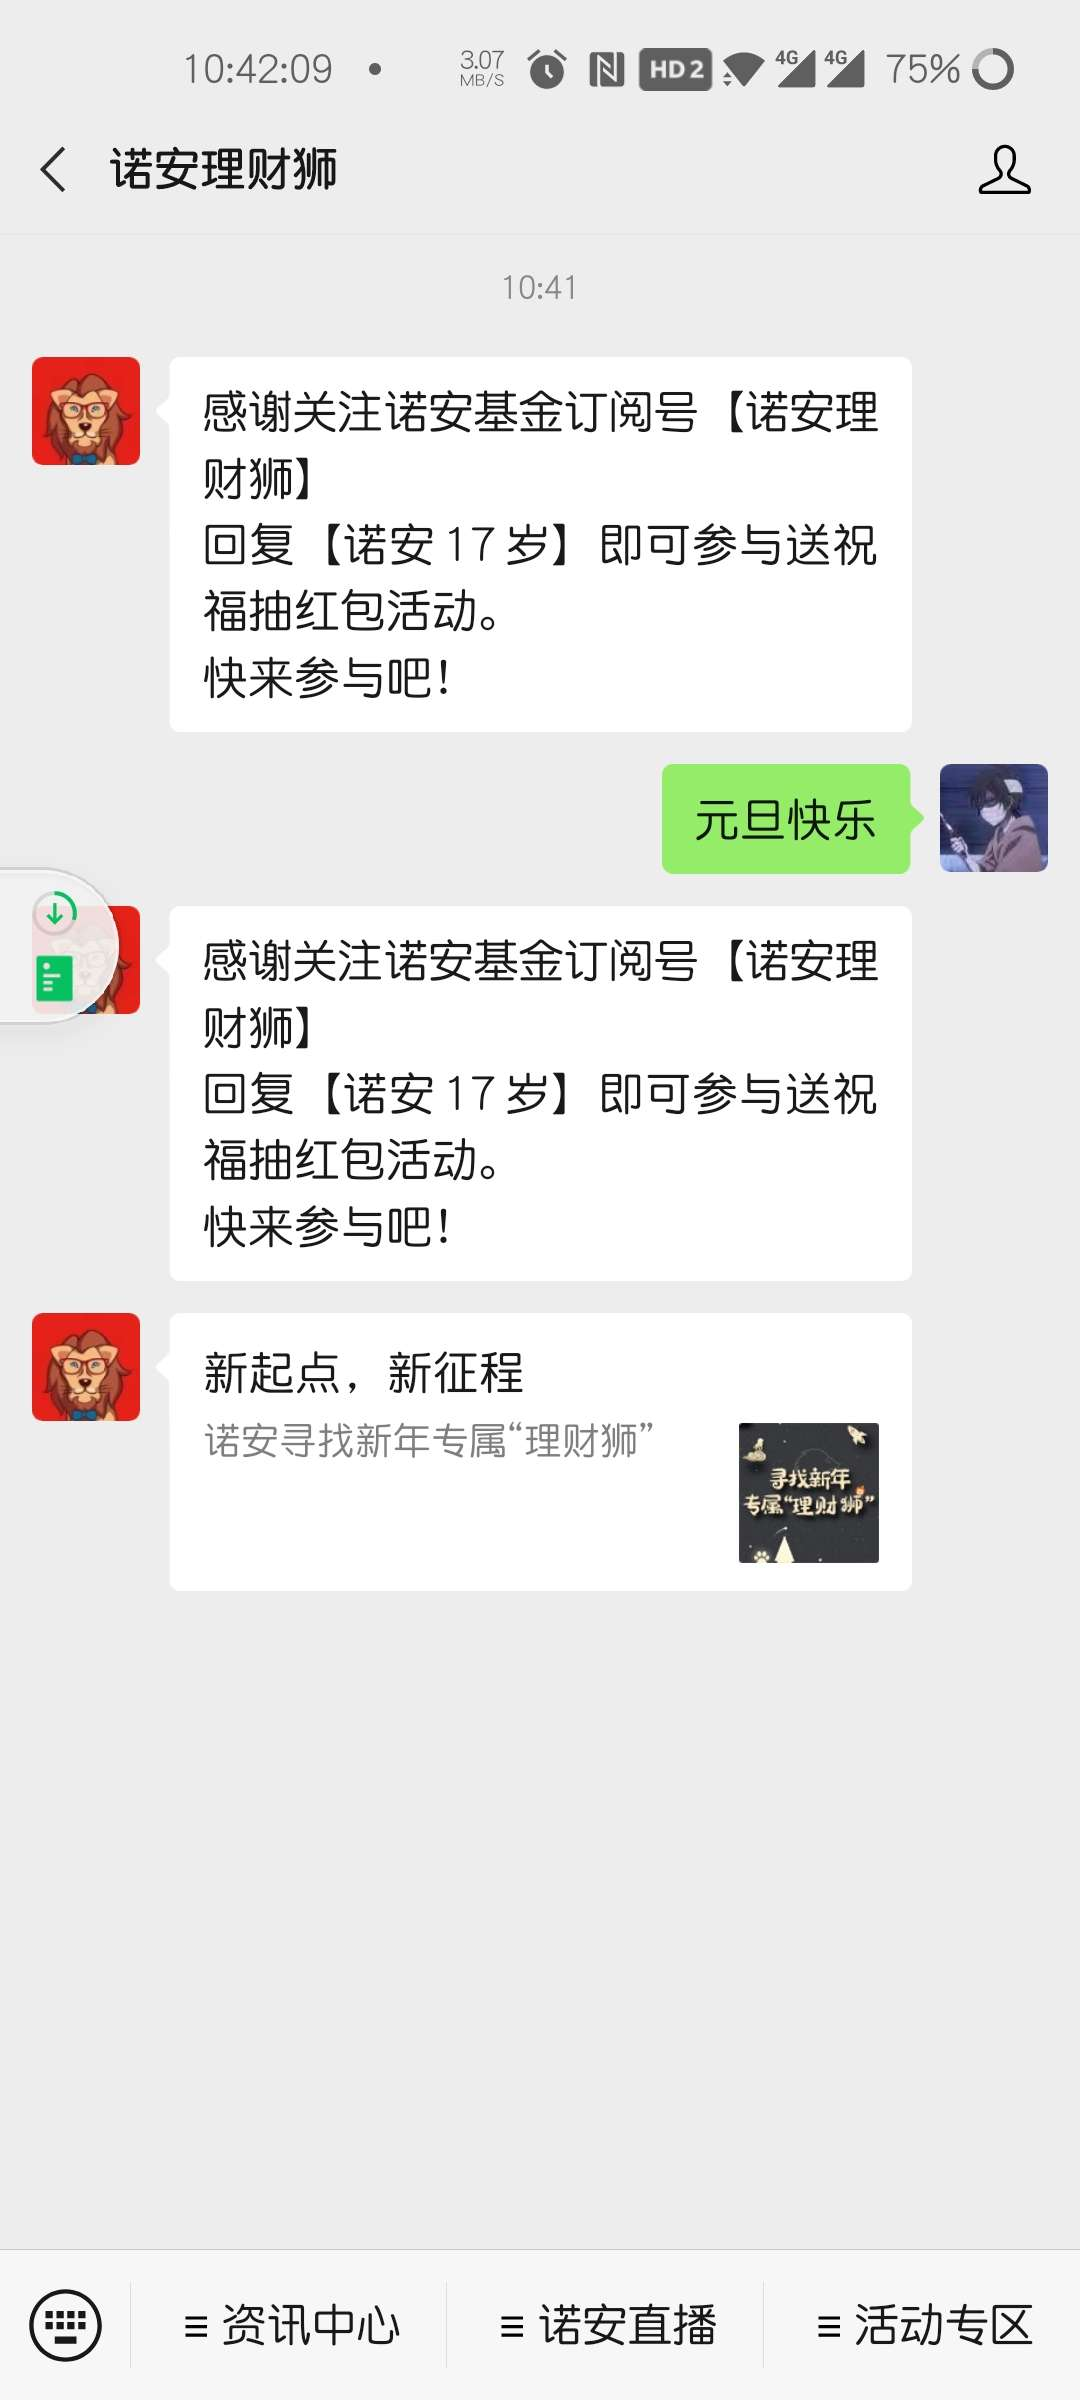 图片[1]-诺安理财狮玩小游戏抽红包-老友薅羊毛活动线报网